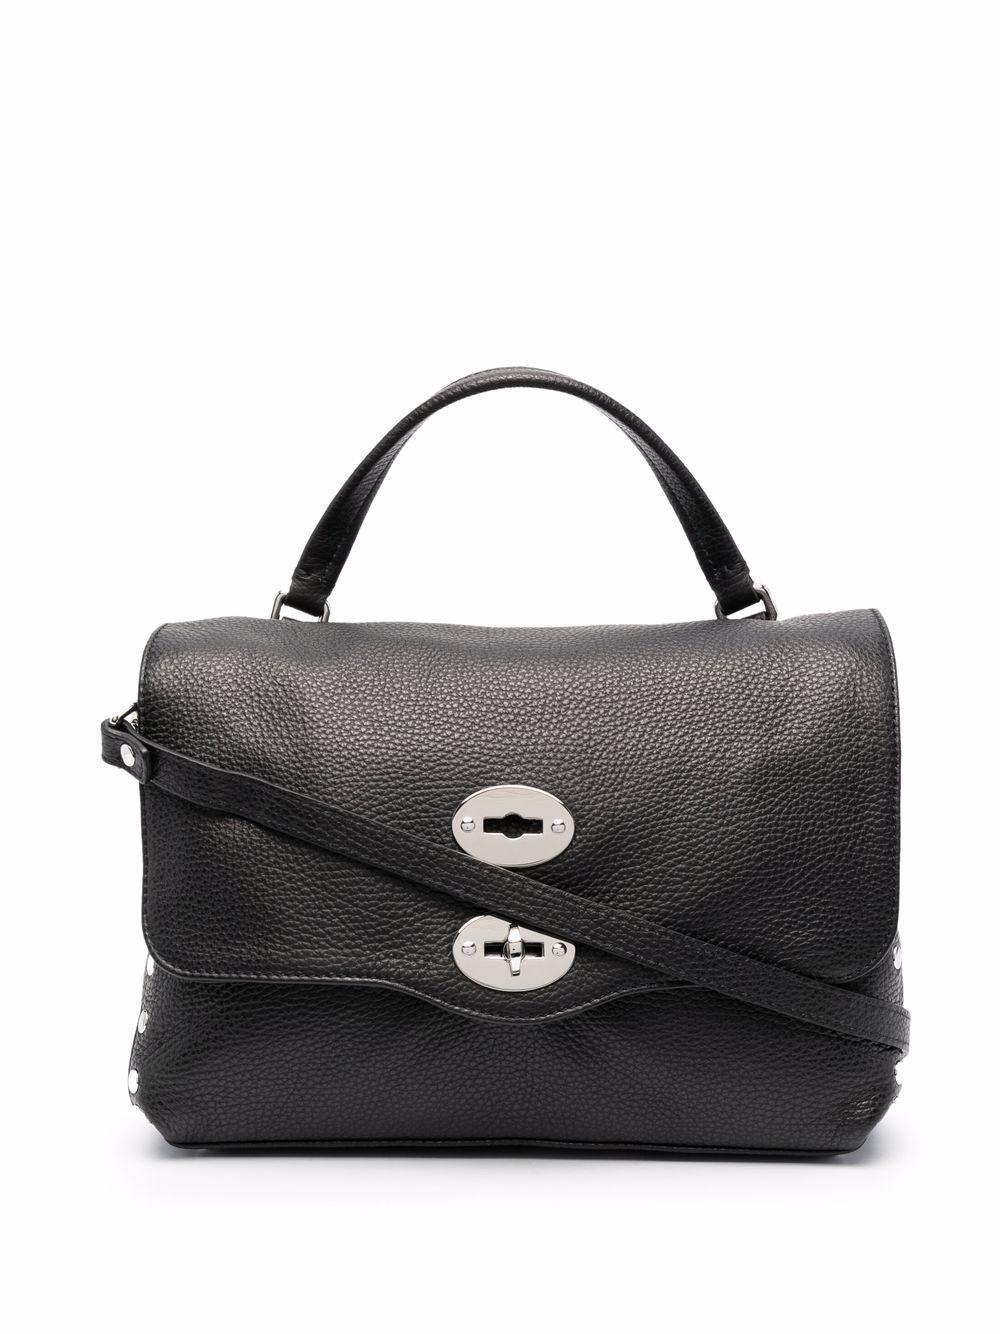 Postina small leather handbag